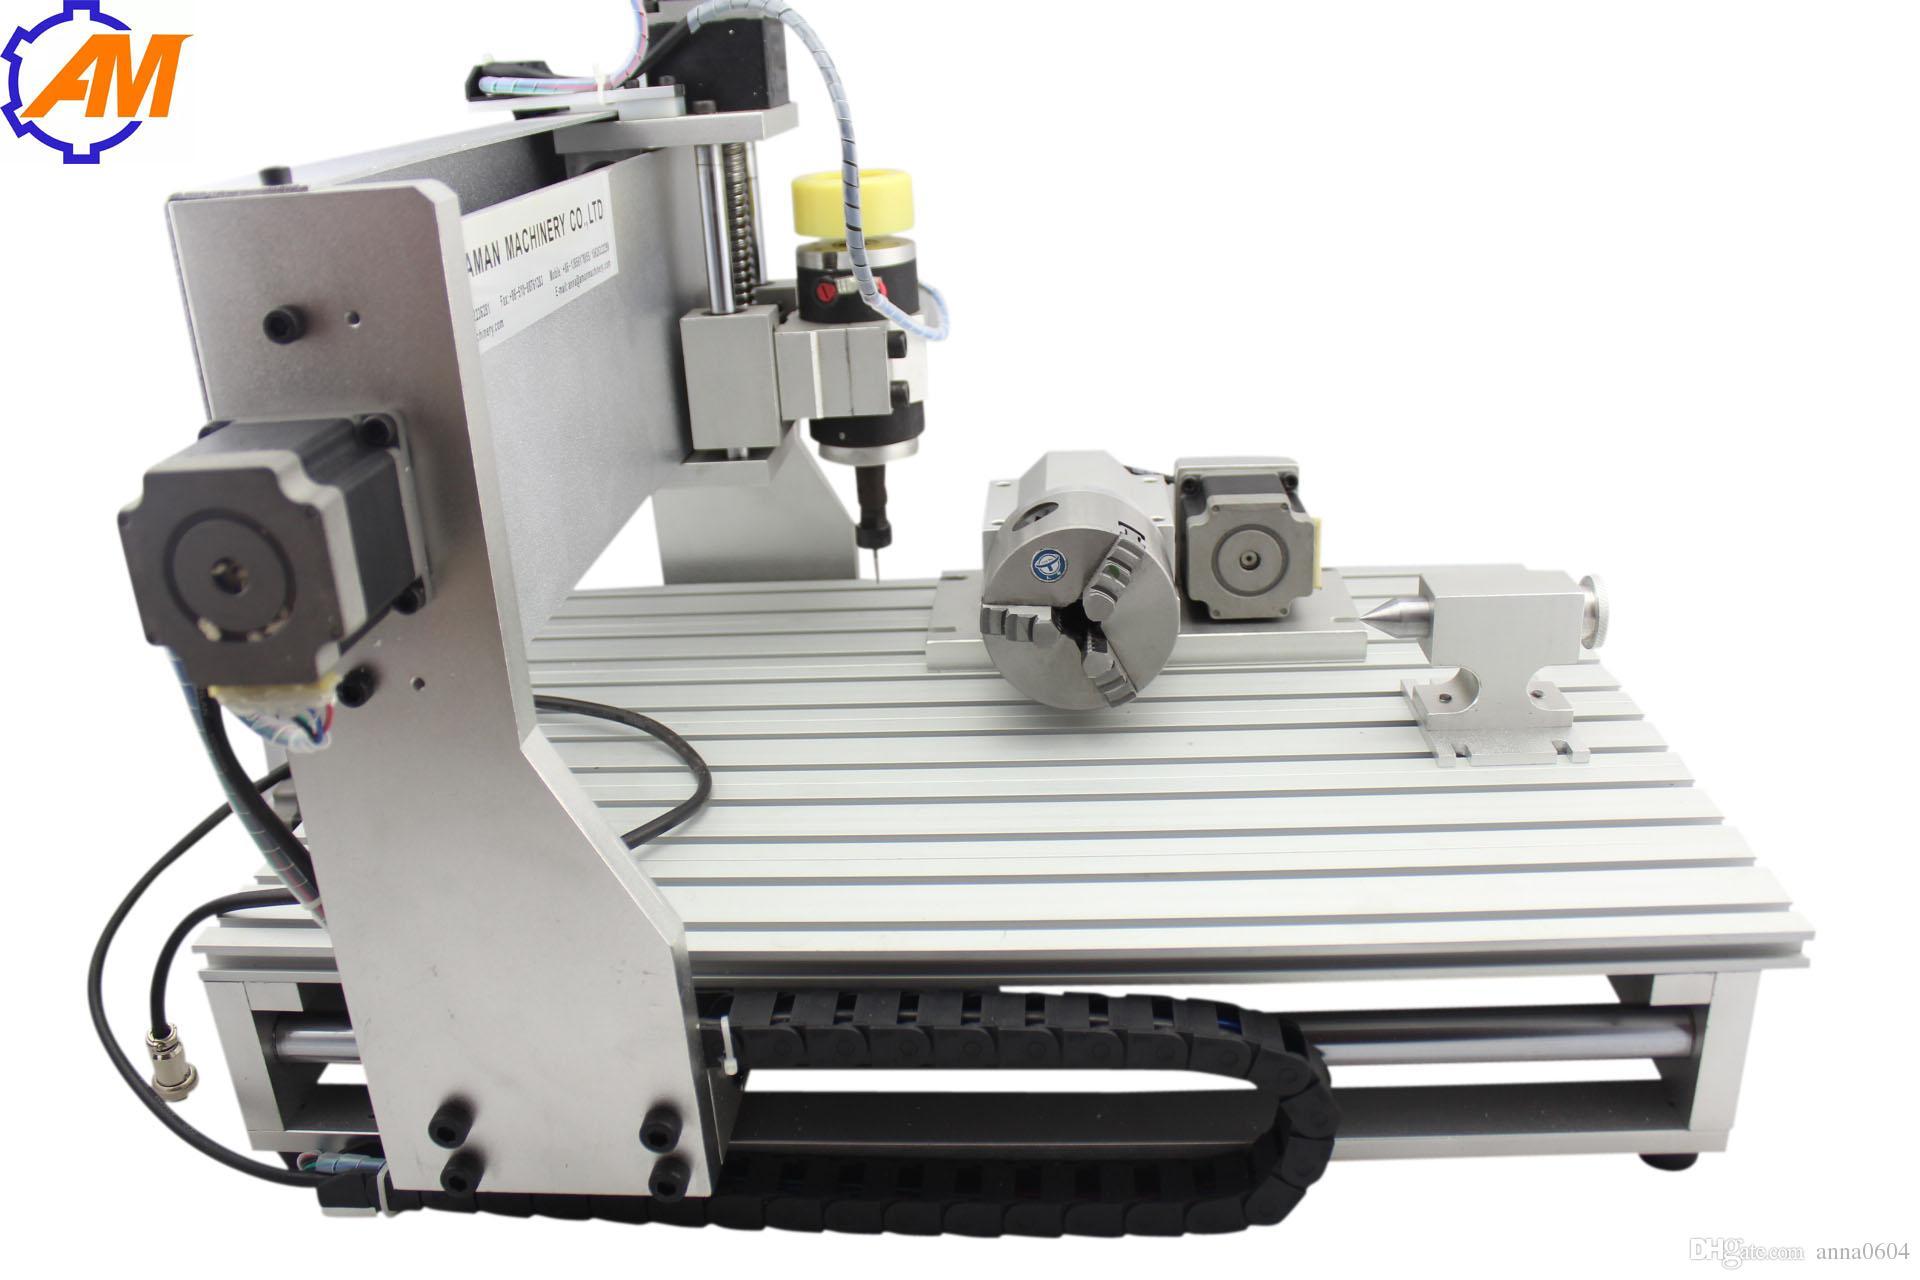 petites machines pour les entreprises, mini machine de tour cnc à vendre chaud AMAN 3040 800W, machine de gravure de bureau cnc